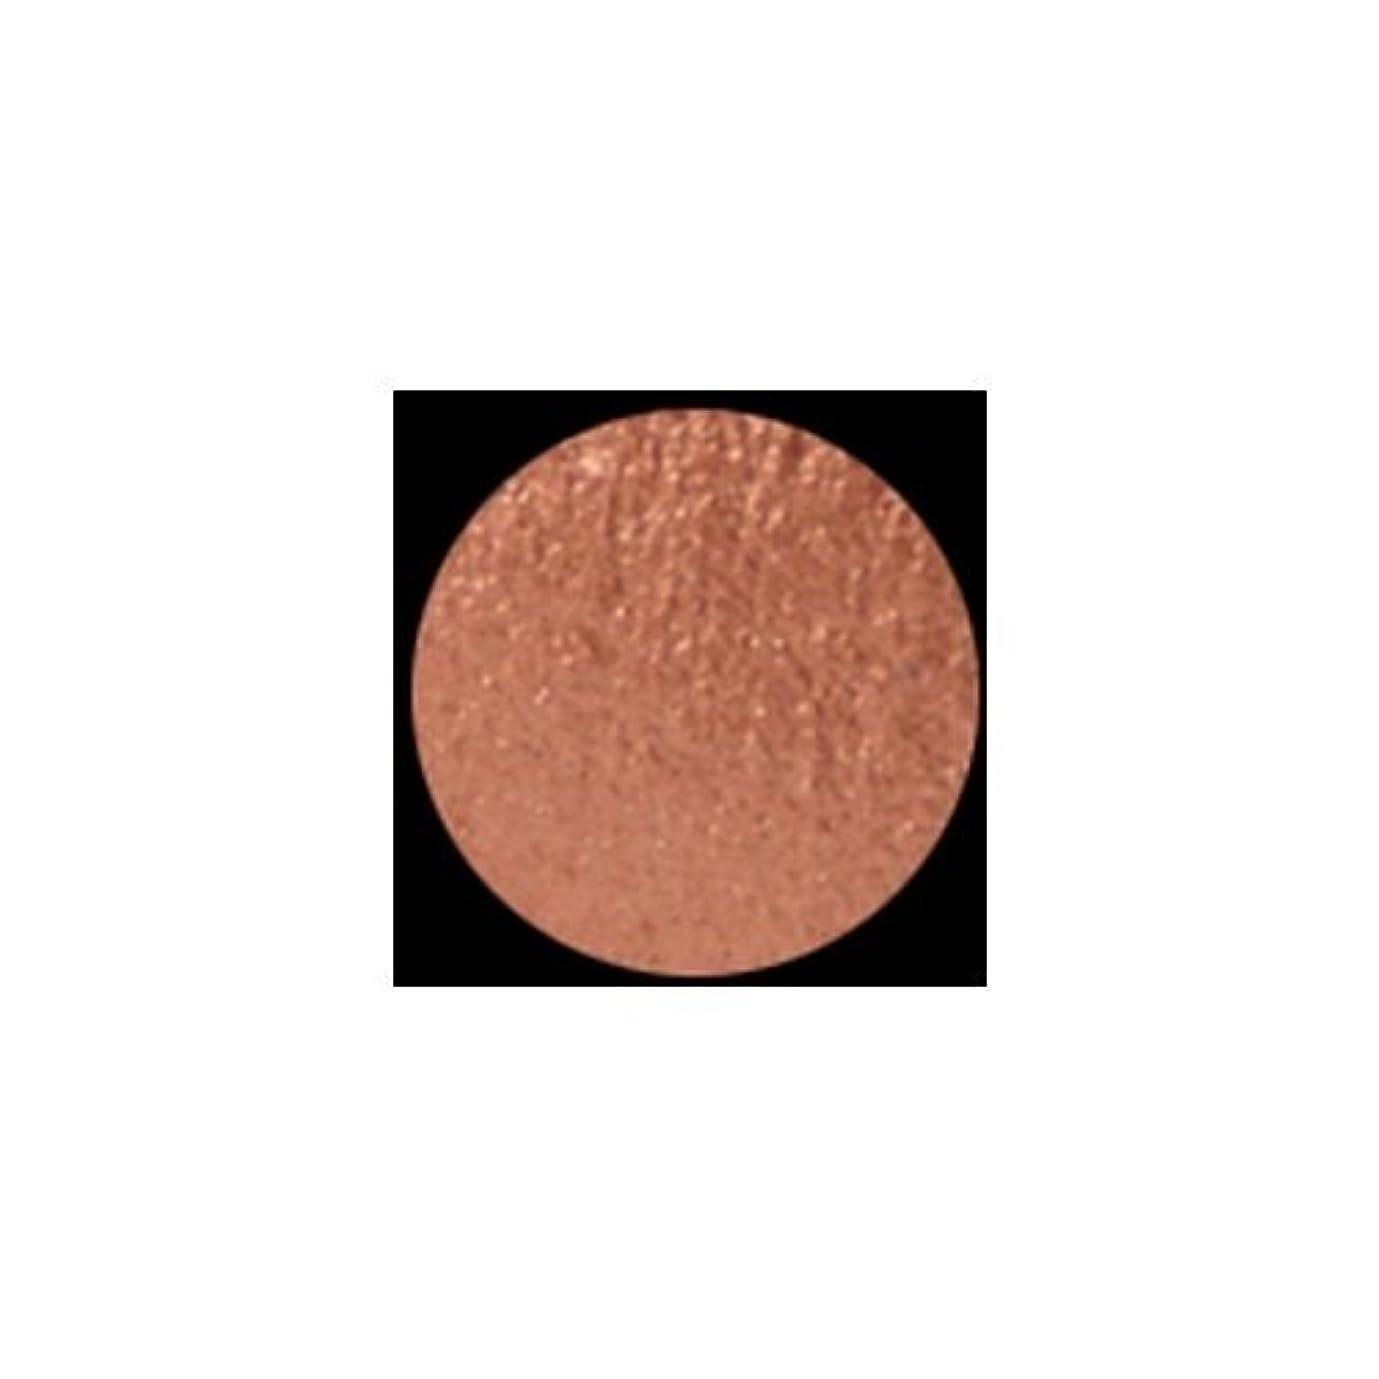 道暖かさドリンクKLEANCOLOR American Eyedol (Wet/Dry Baked Eyeshadow) - Terracotta (並行輸入品)